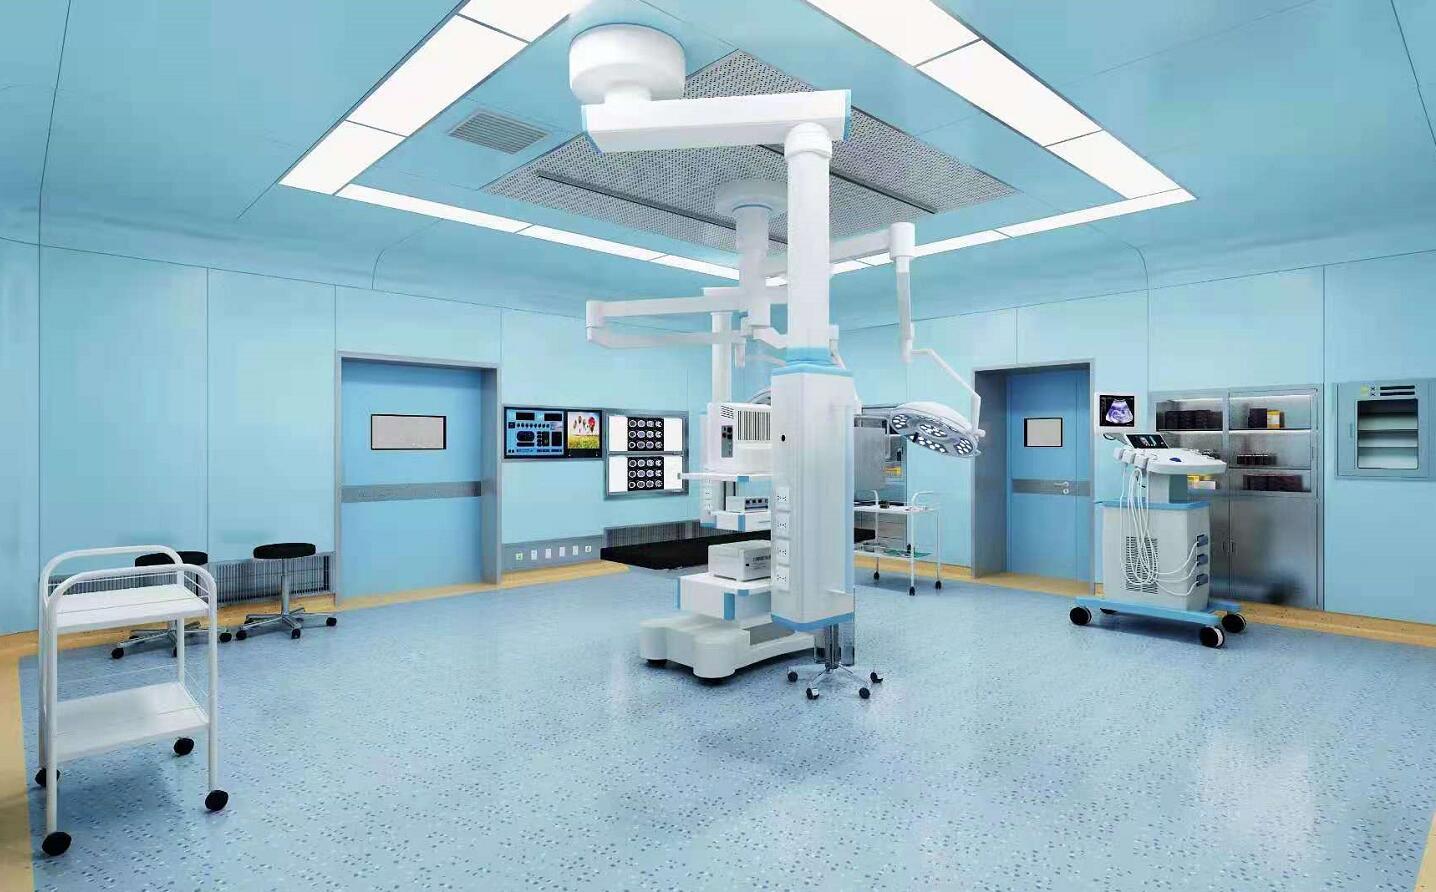 兰州净化公司:小编三个方面教你如何快速完成手术室净化工程维保!